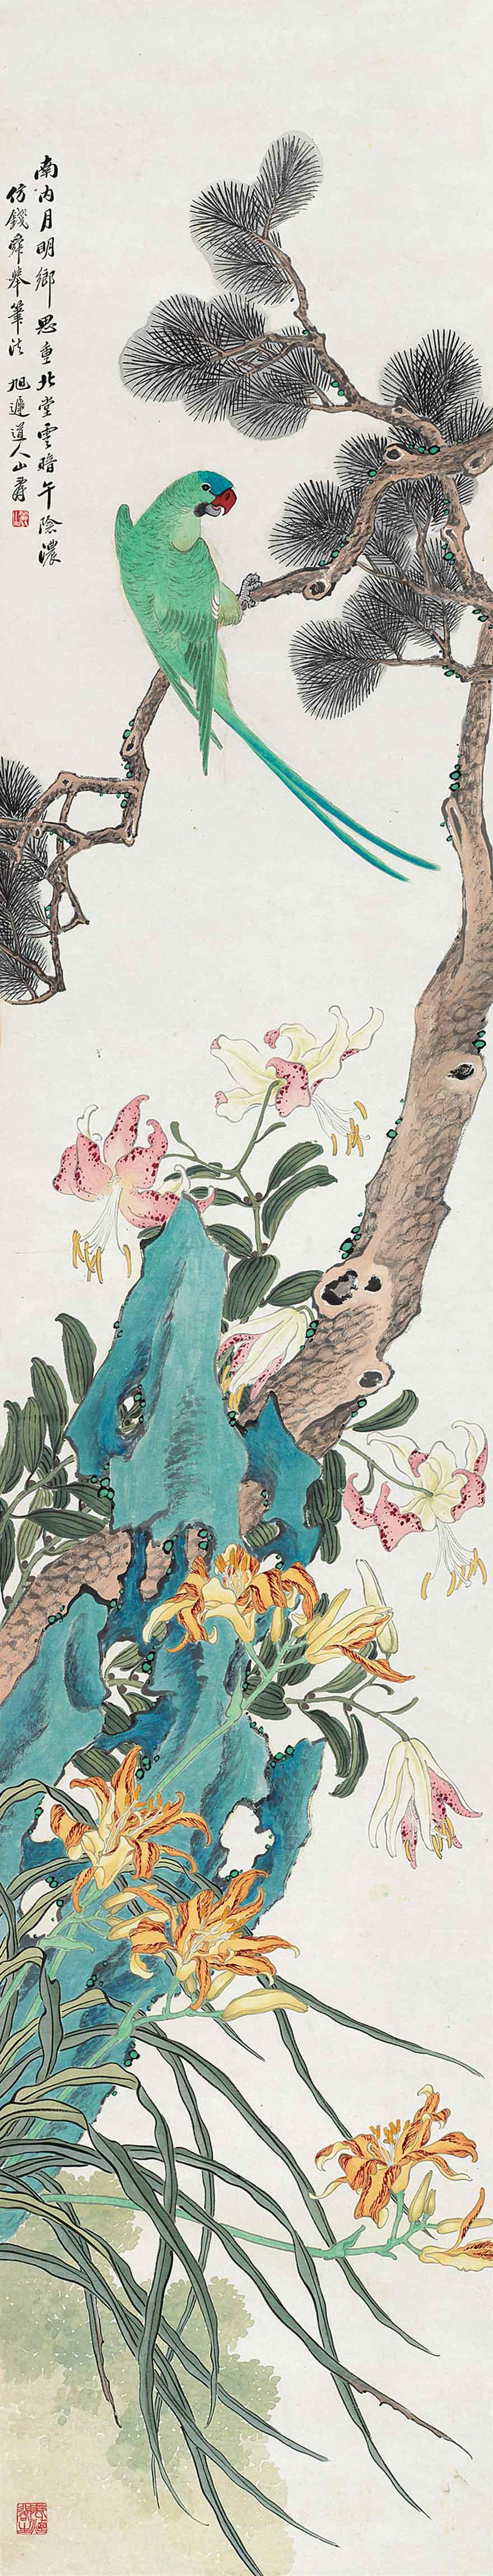 鹦鹉松石图